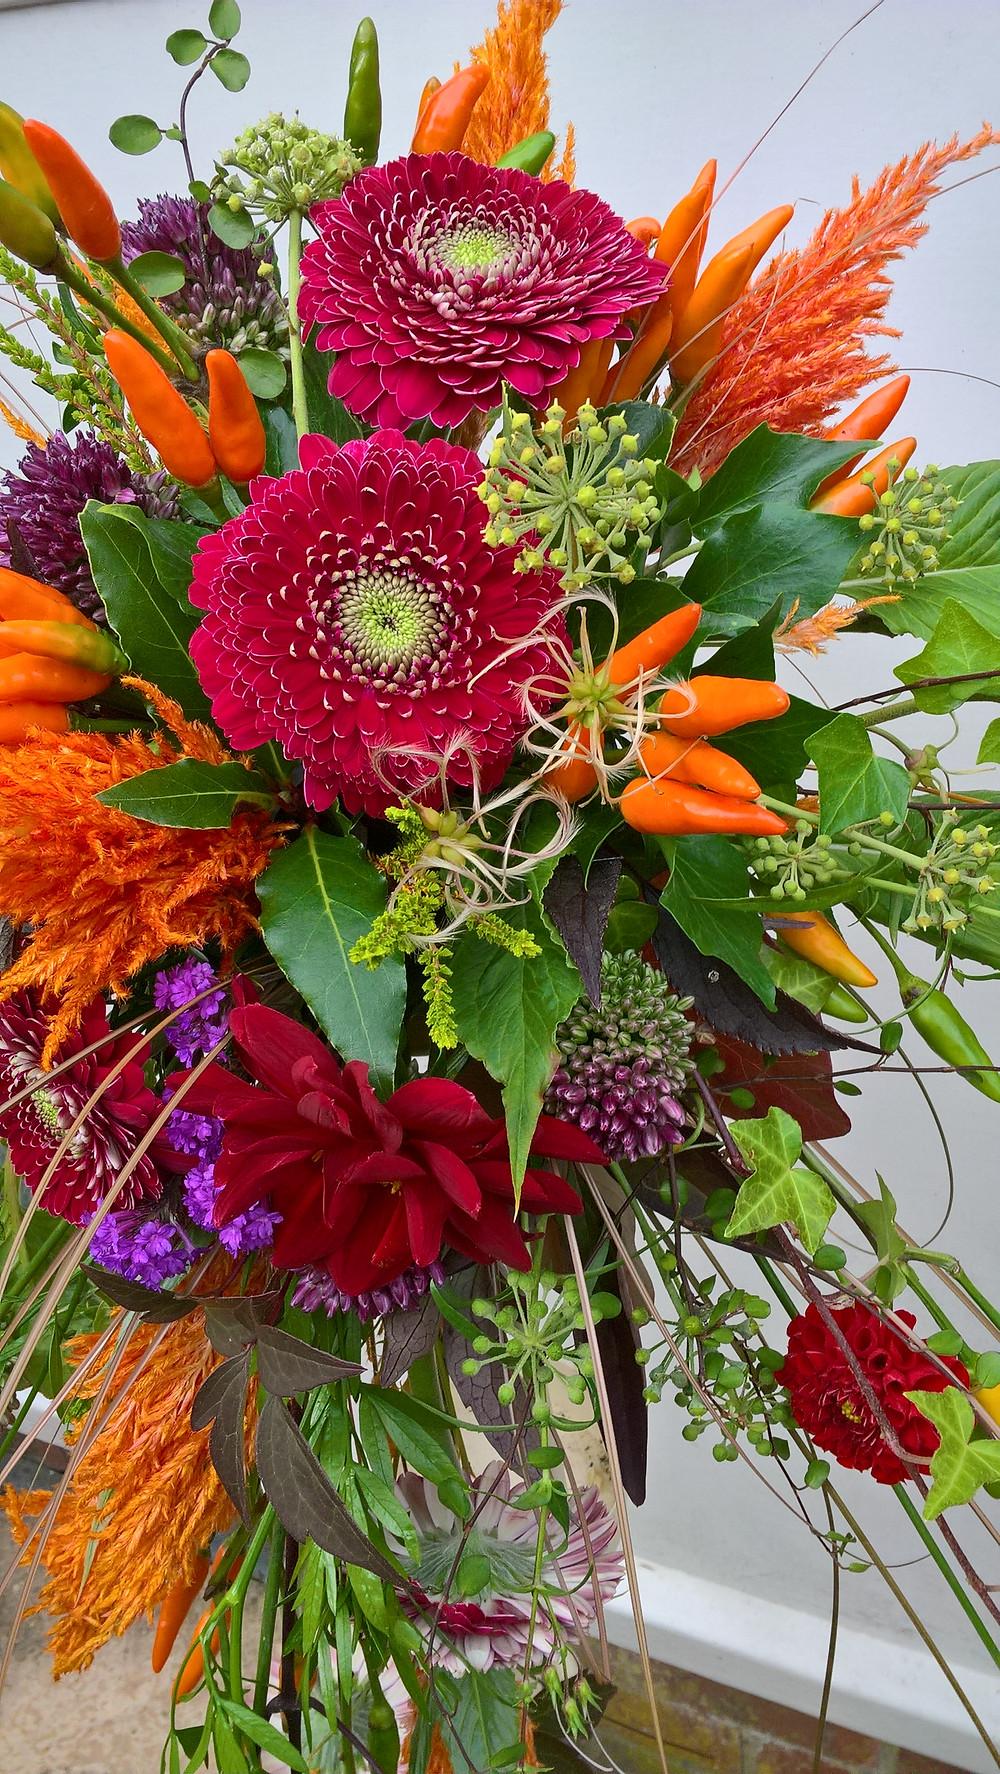 Bright red orange wedding bouquet